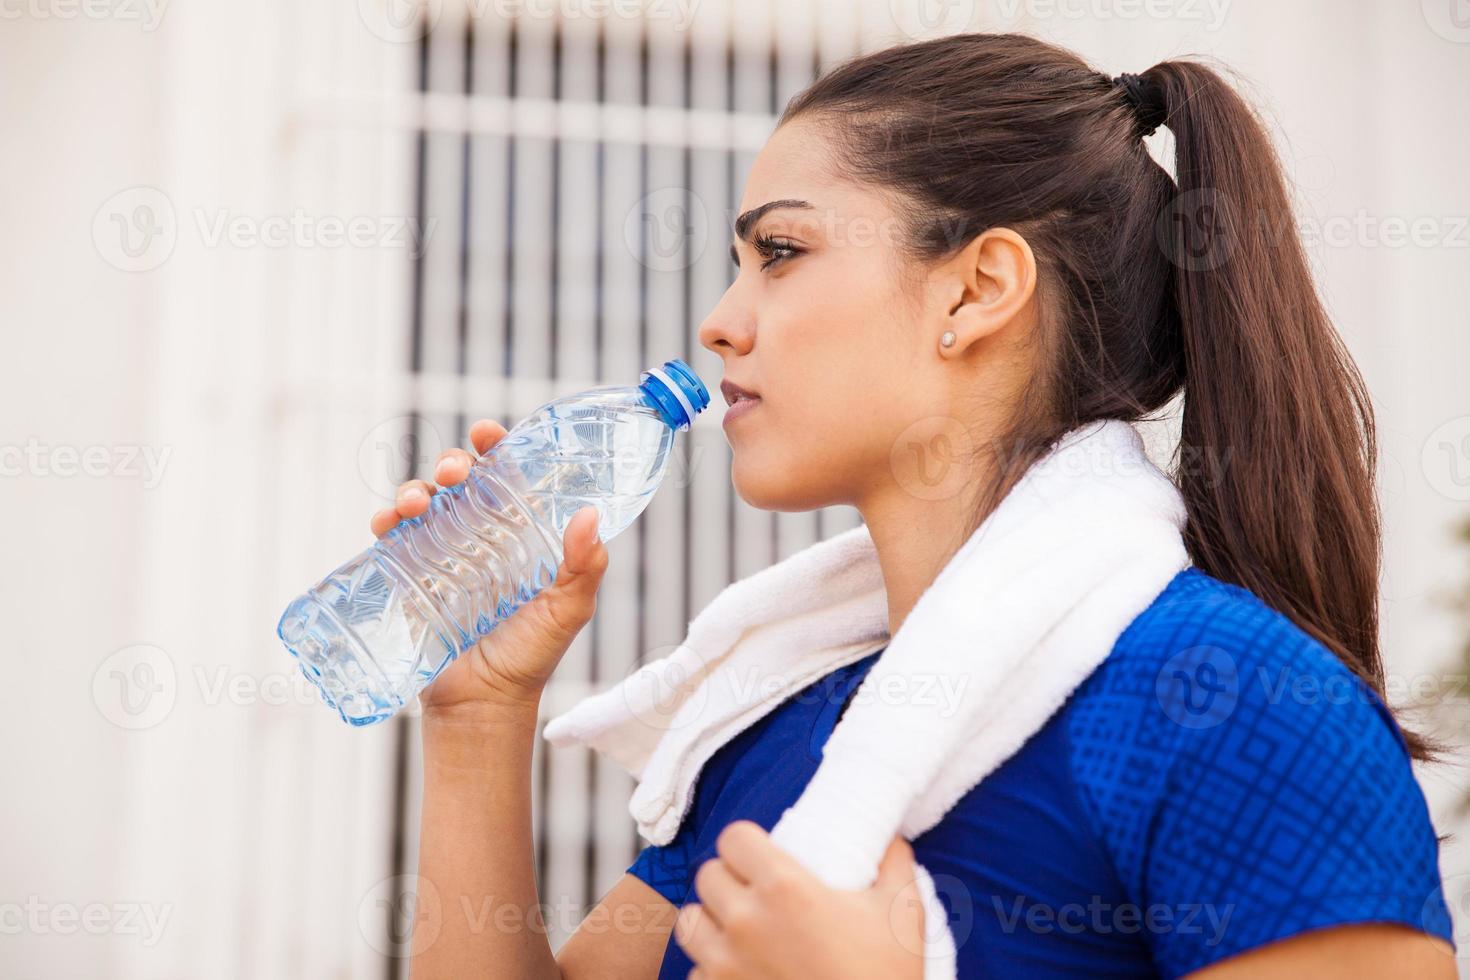 acqua potabile dopo l'allenamento foto